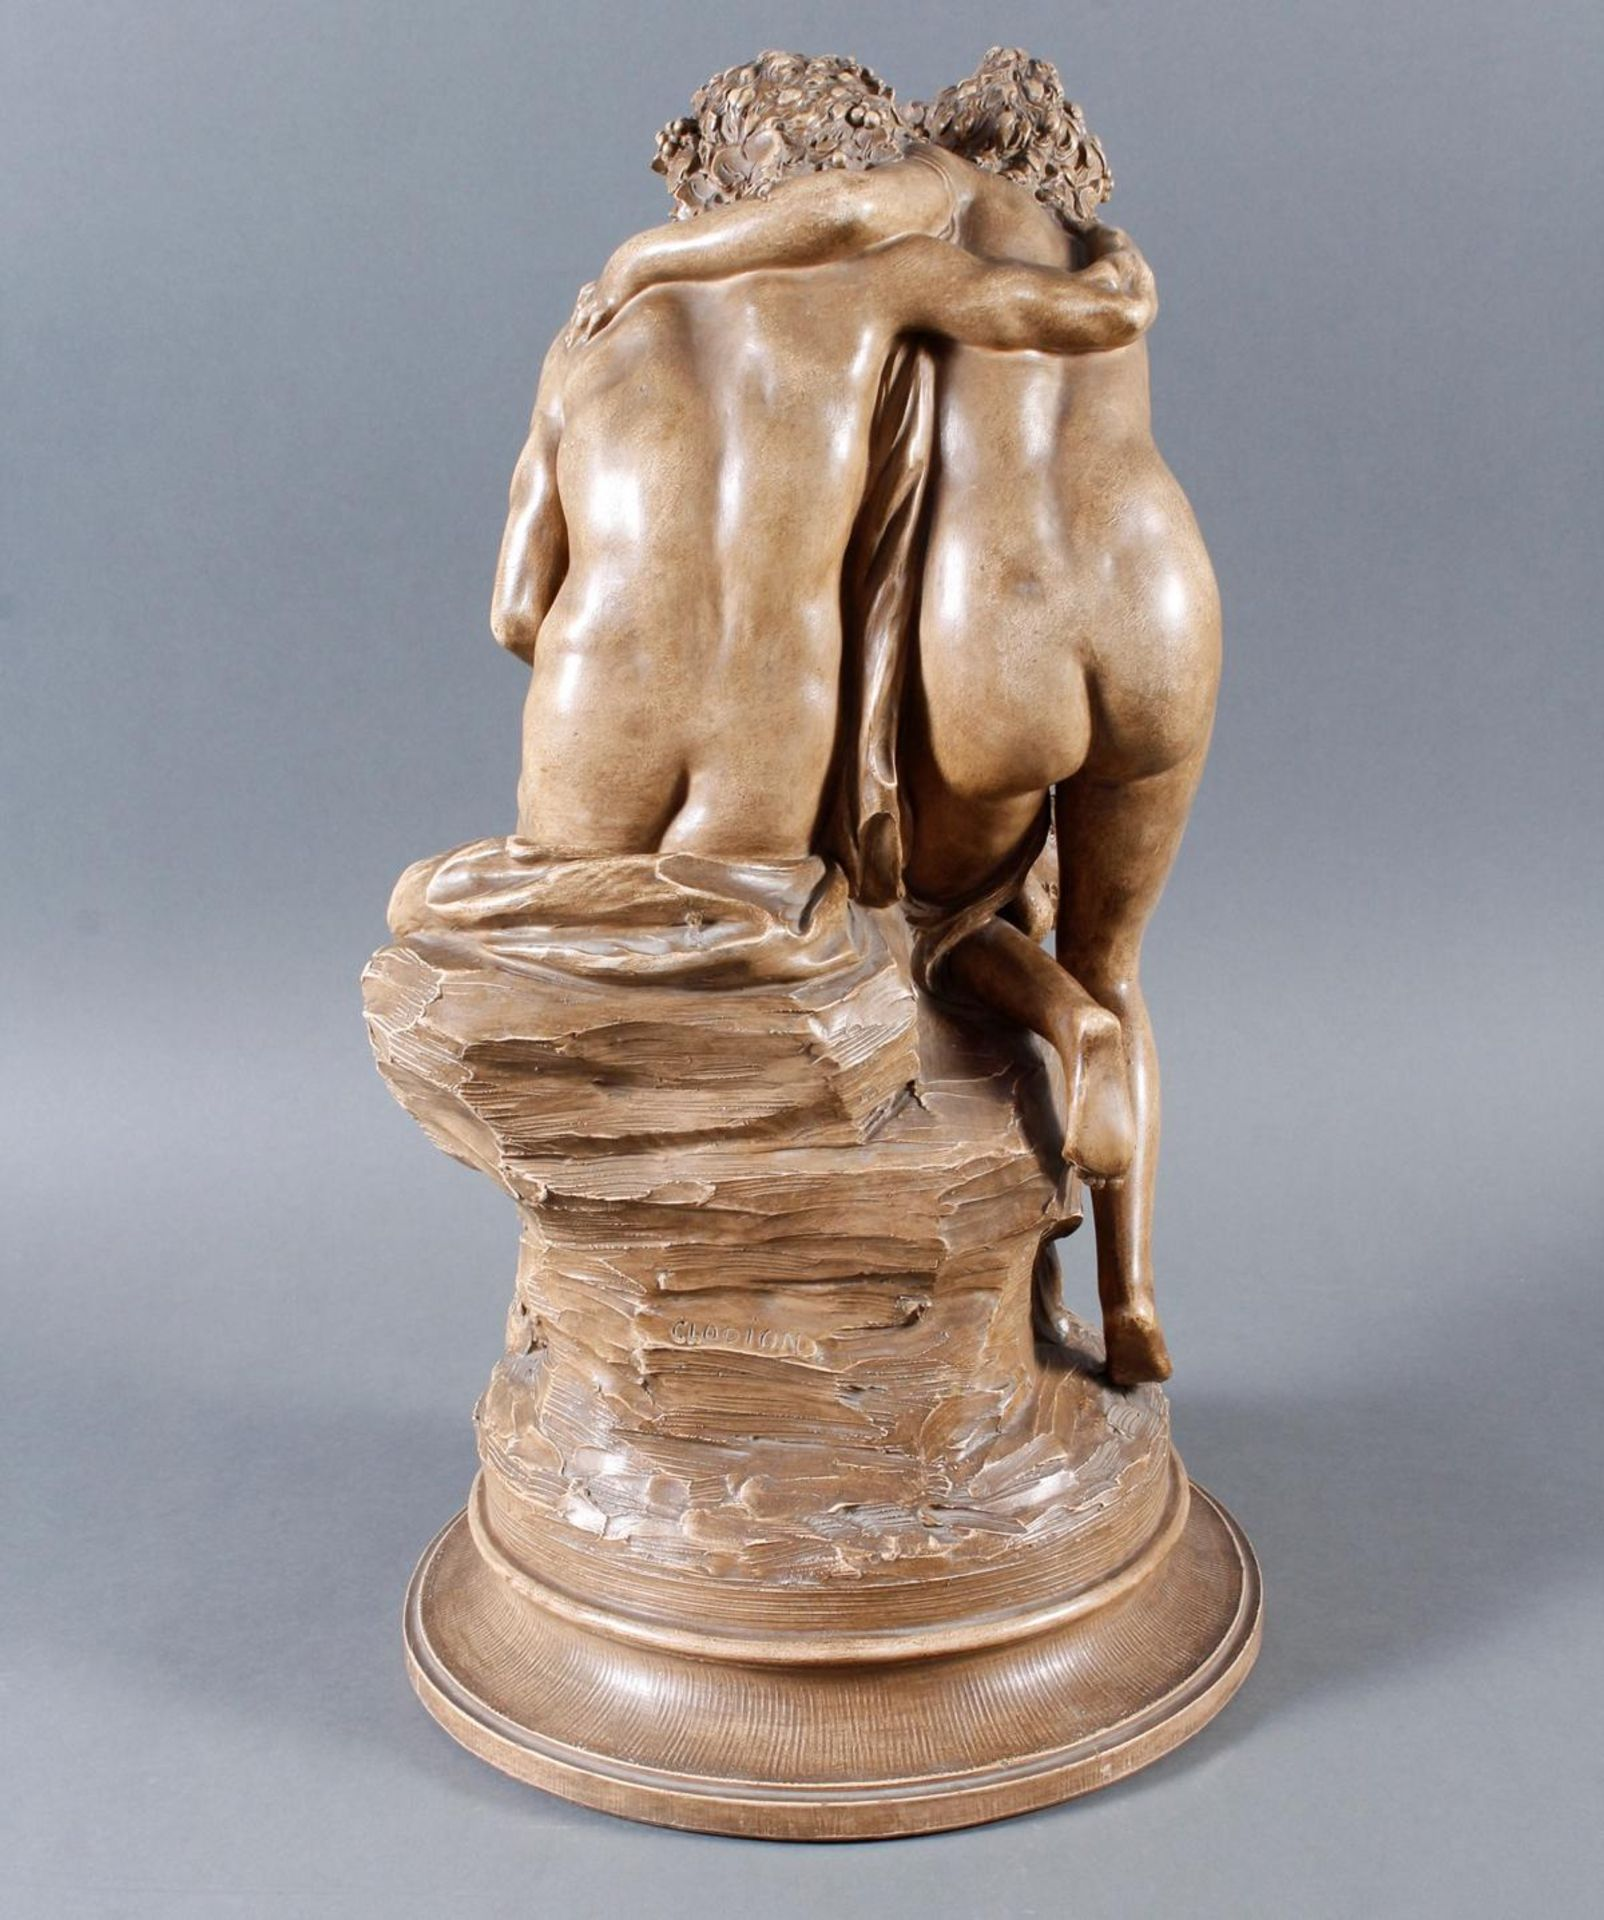 Terakottafigur, Clodion, Claude-Michel (1738-1814), 19. Jahrhundert - Bild 7 aus 18